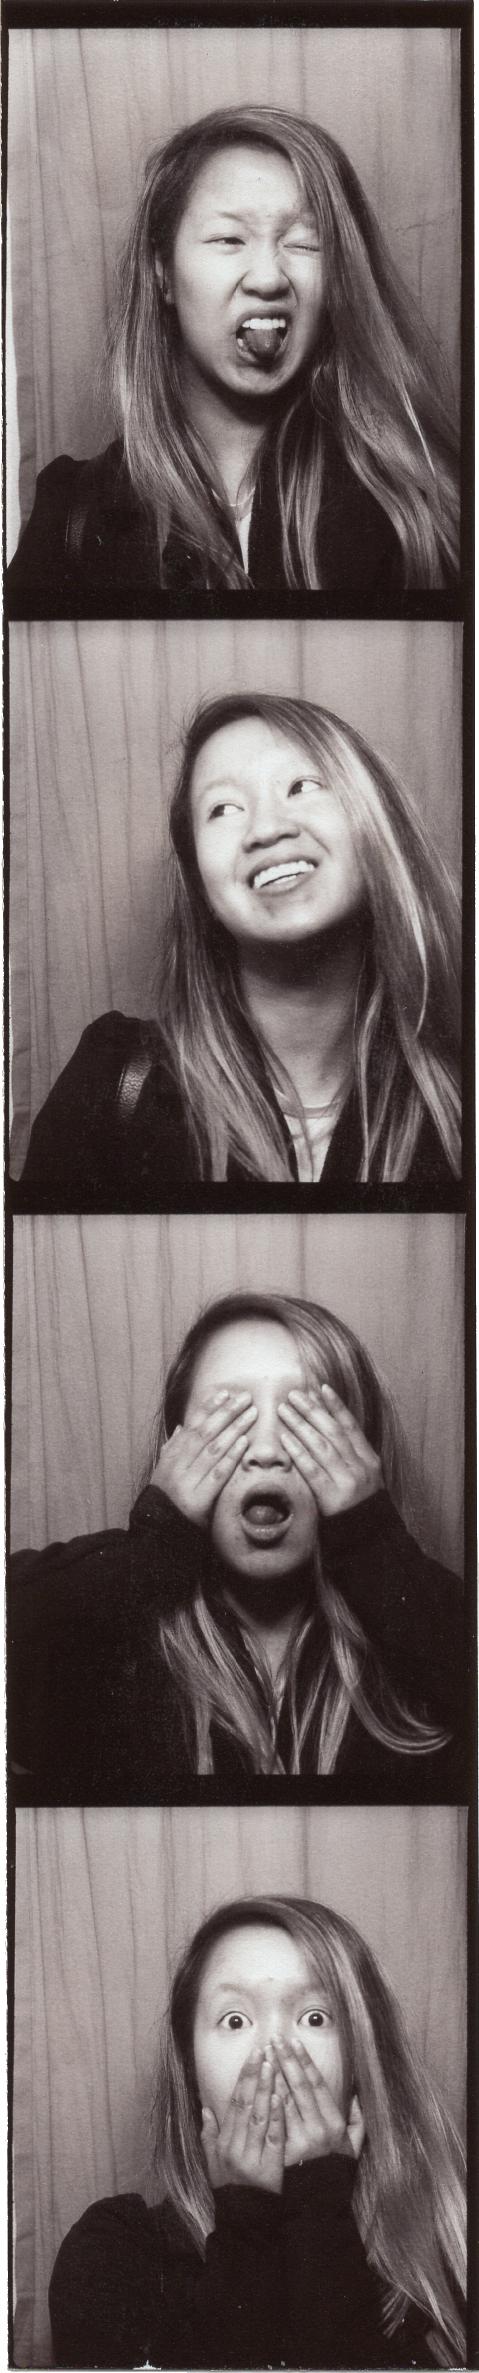 Selfiebooth.png